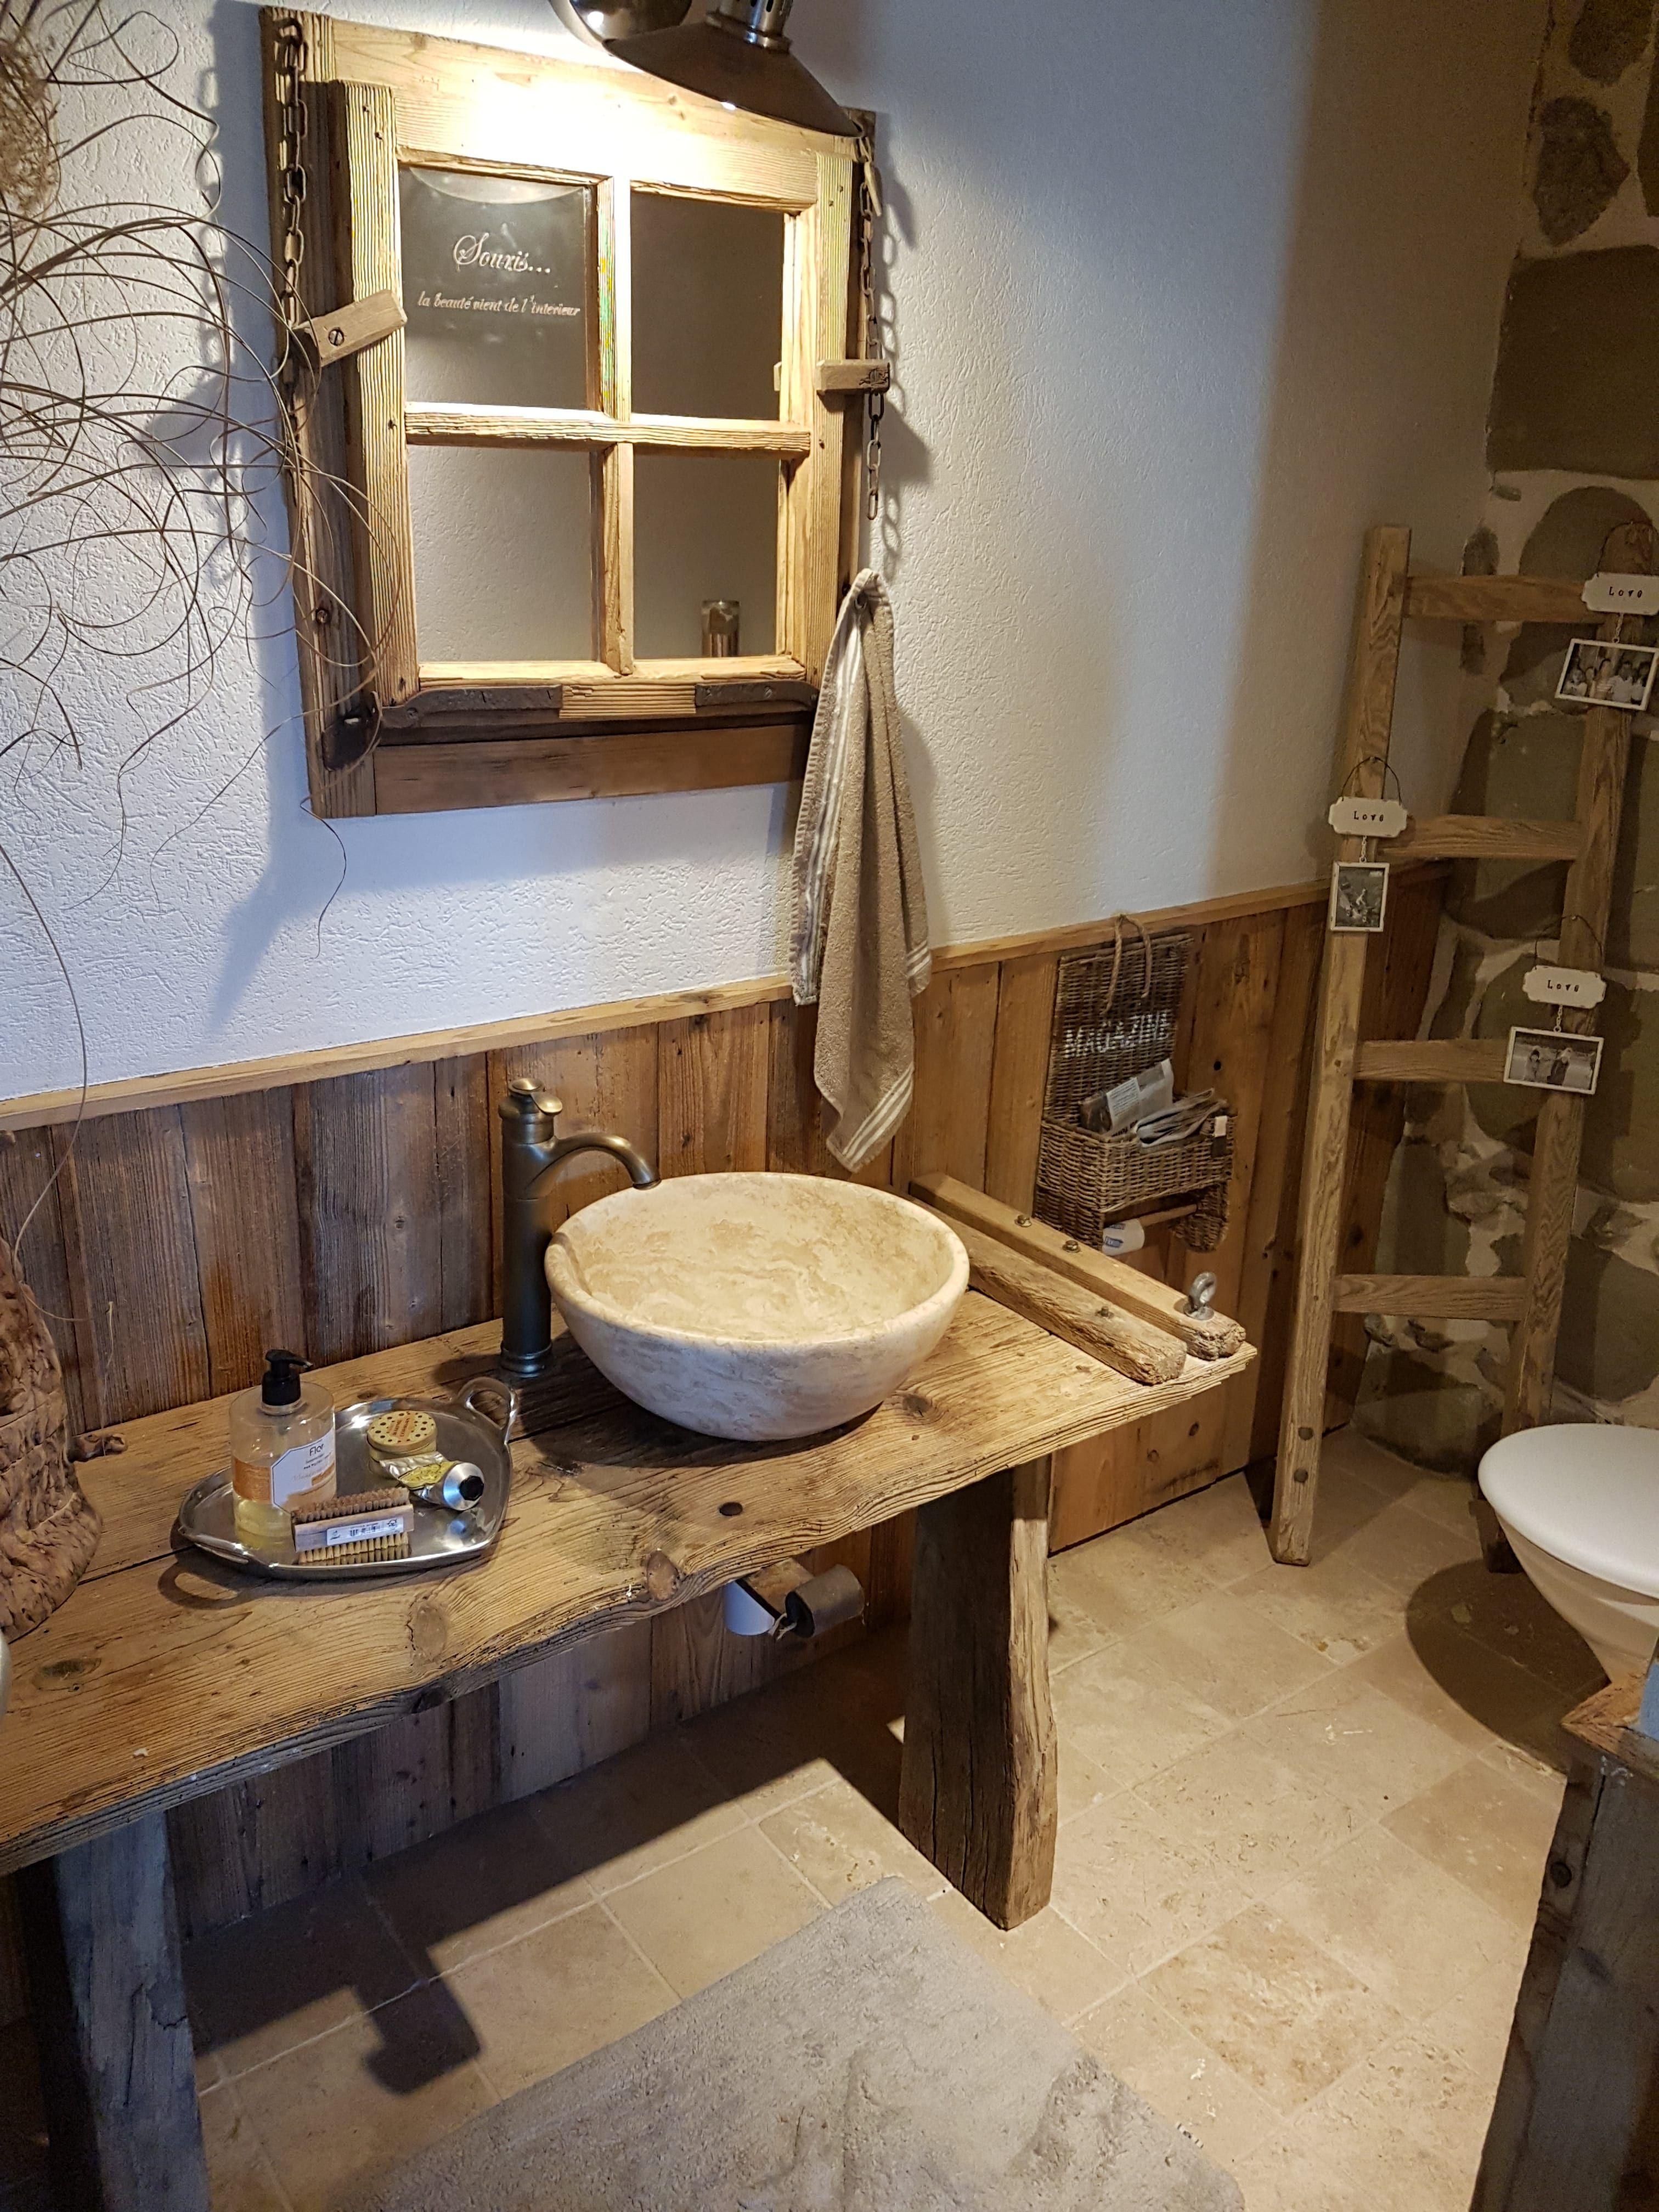 salle de bain dcoration intrieure ferme rnove maison romantique maison chaleureuse